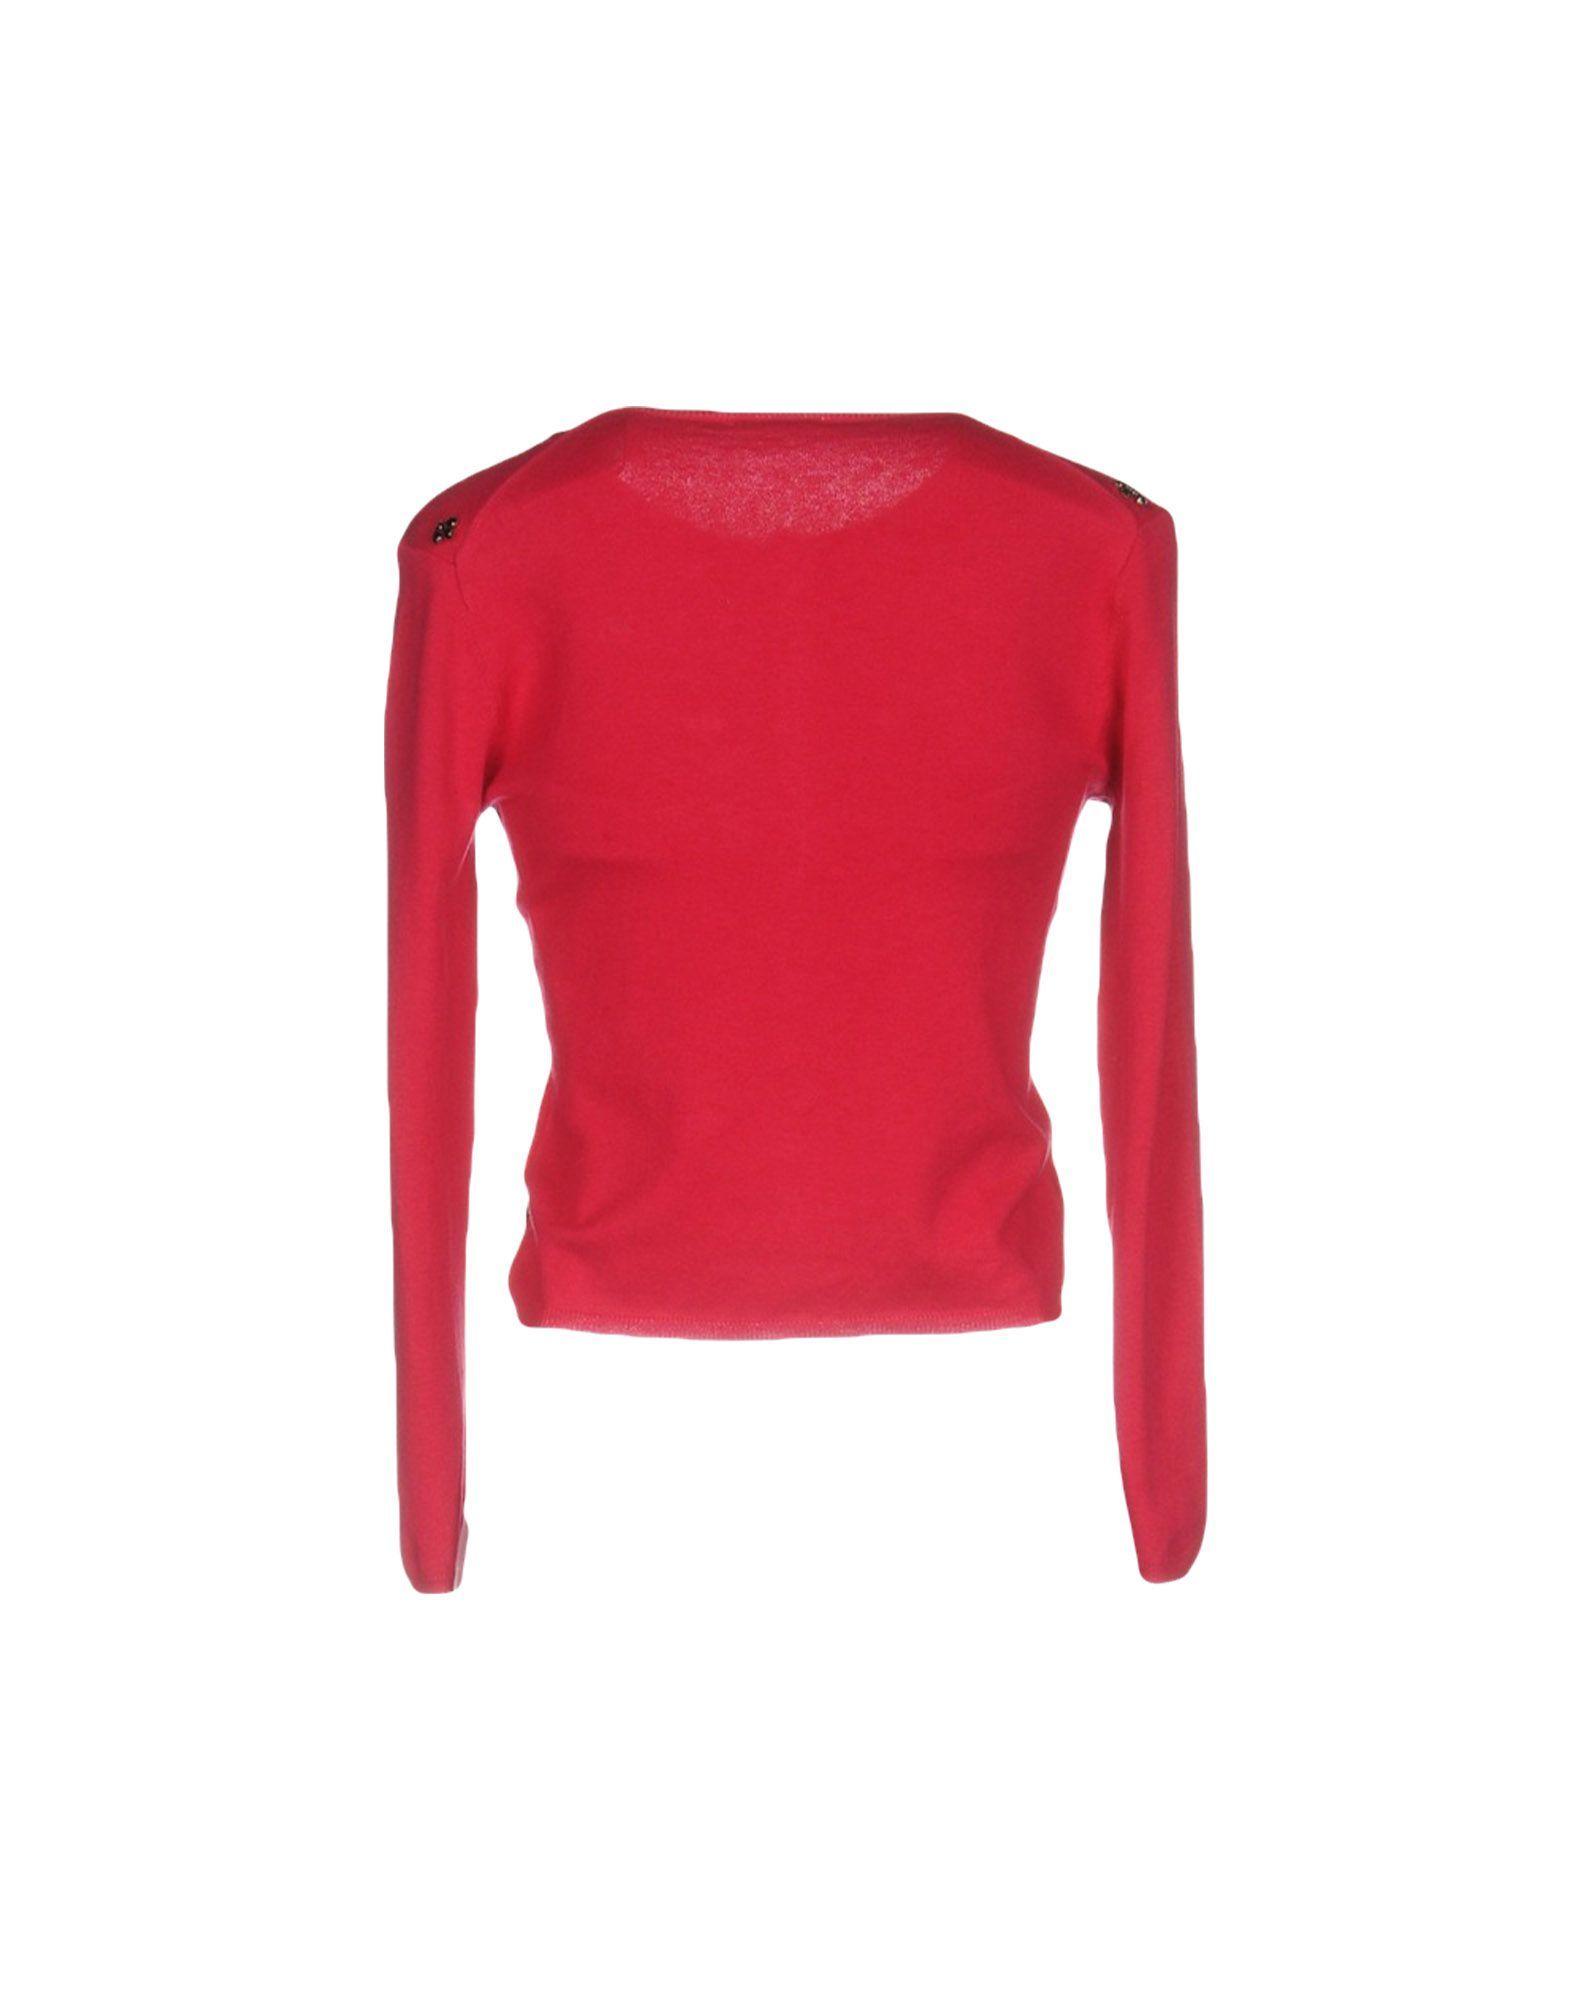 P.A.R.O.S.H. Fuchsia Silk Knit Cardigan